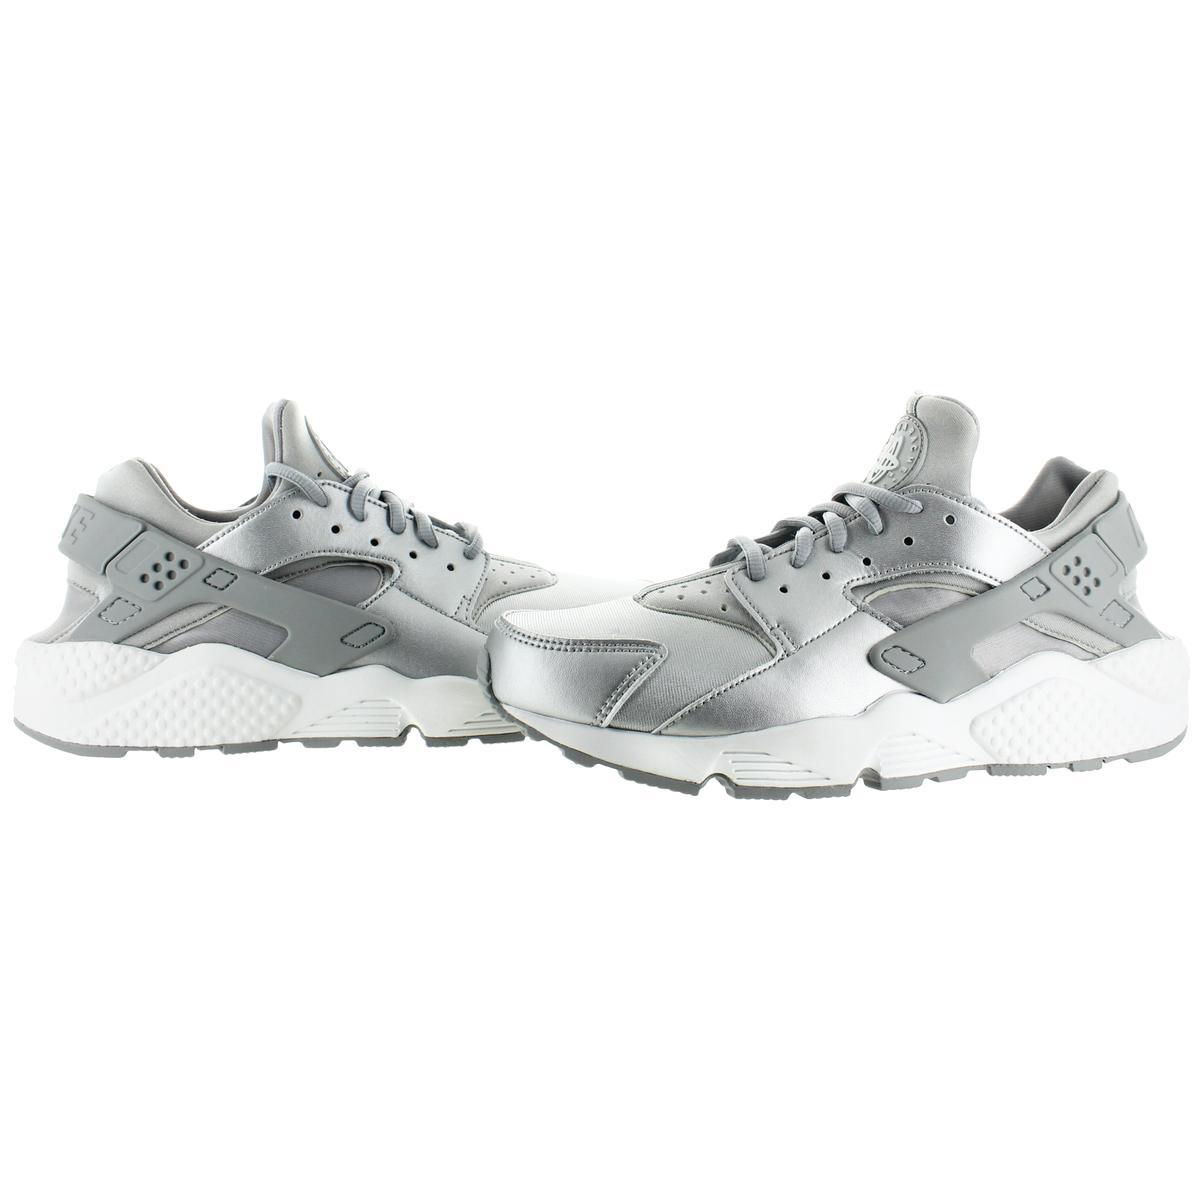 2db82a309e92 Nike WMNS Air Huarache Run SE Shoes Women s Sneaker Trainers Silver ...